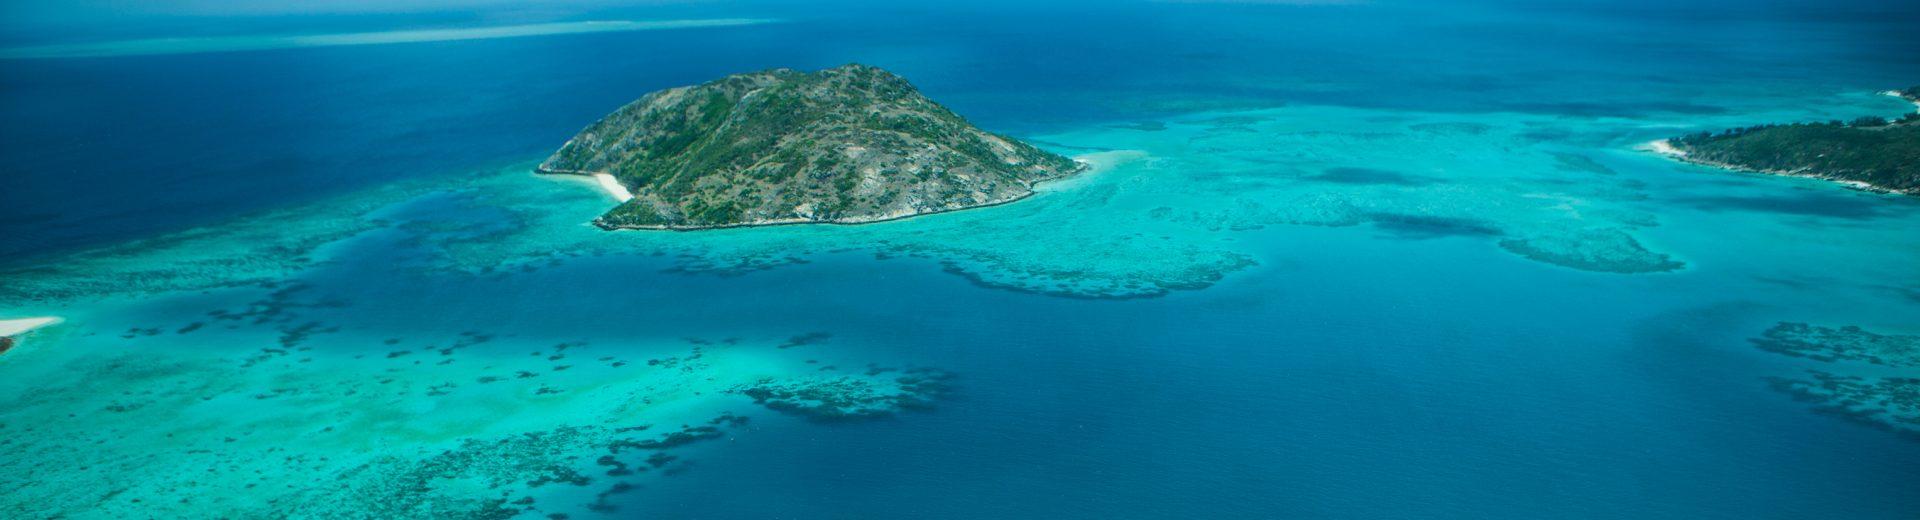 lizard island resort in queensland australia